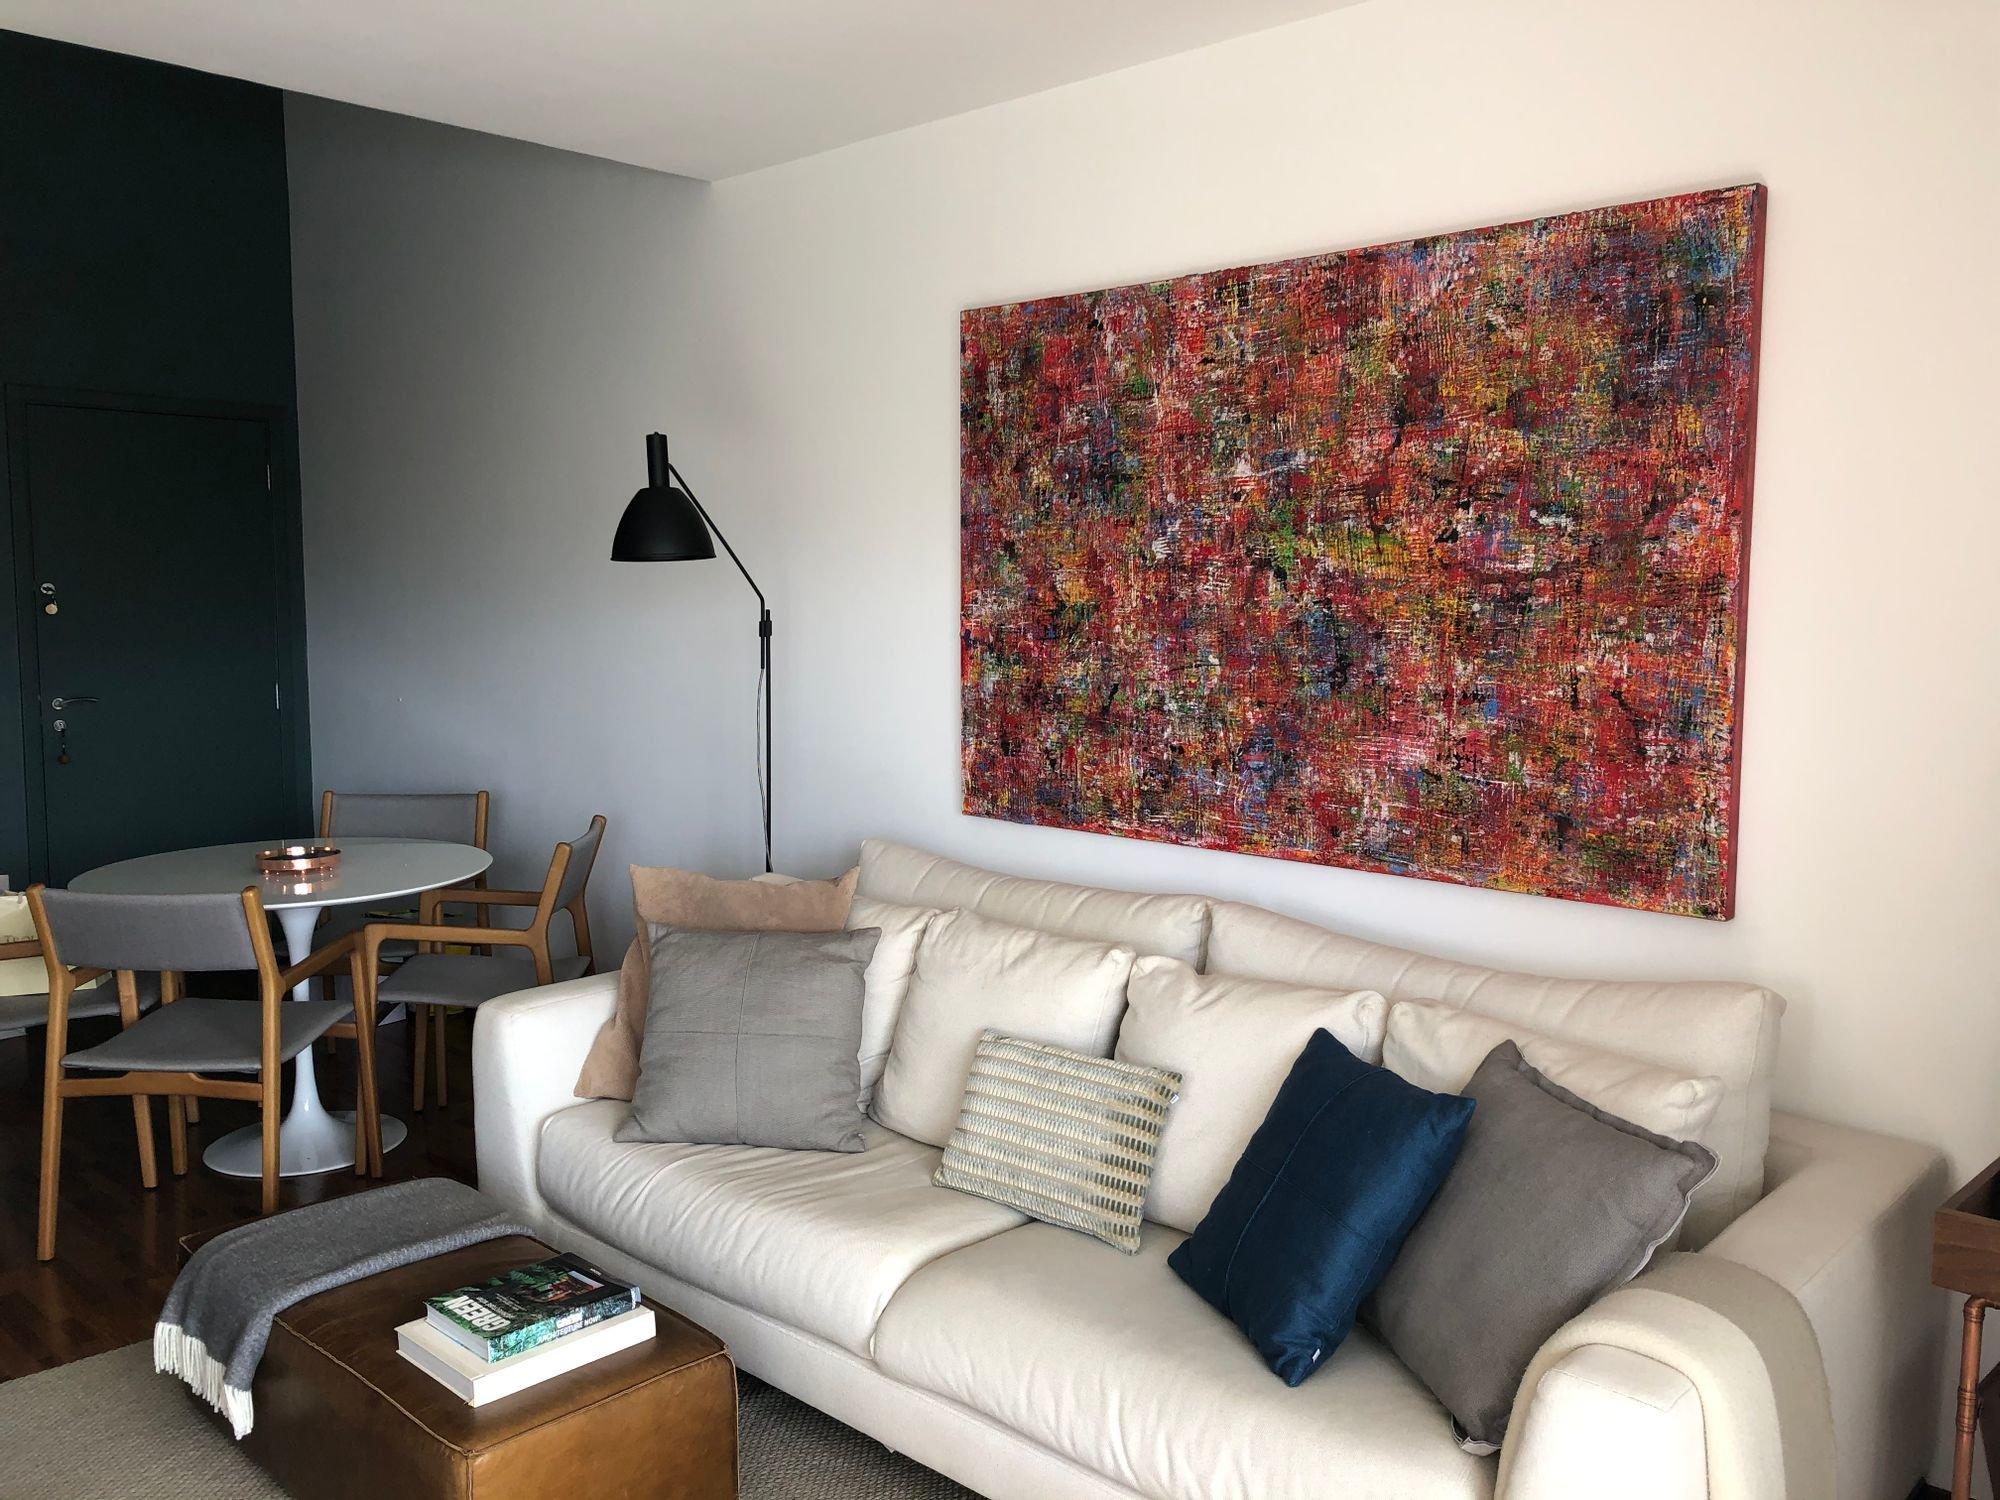 Foto de Sala com sofá, cadeira, livro